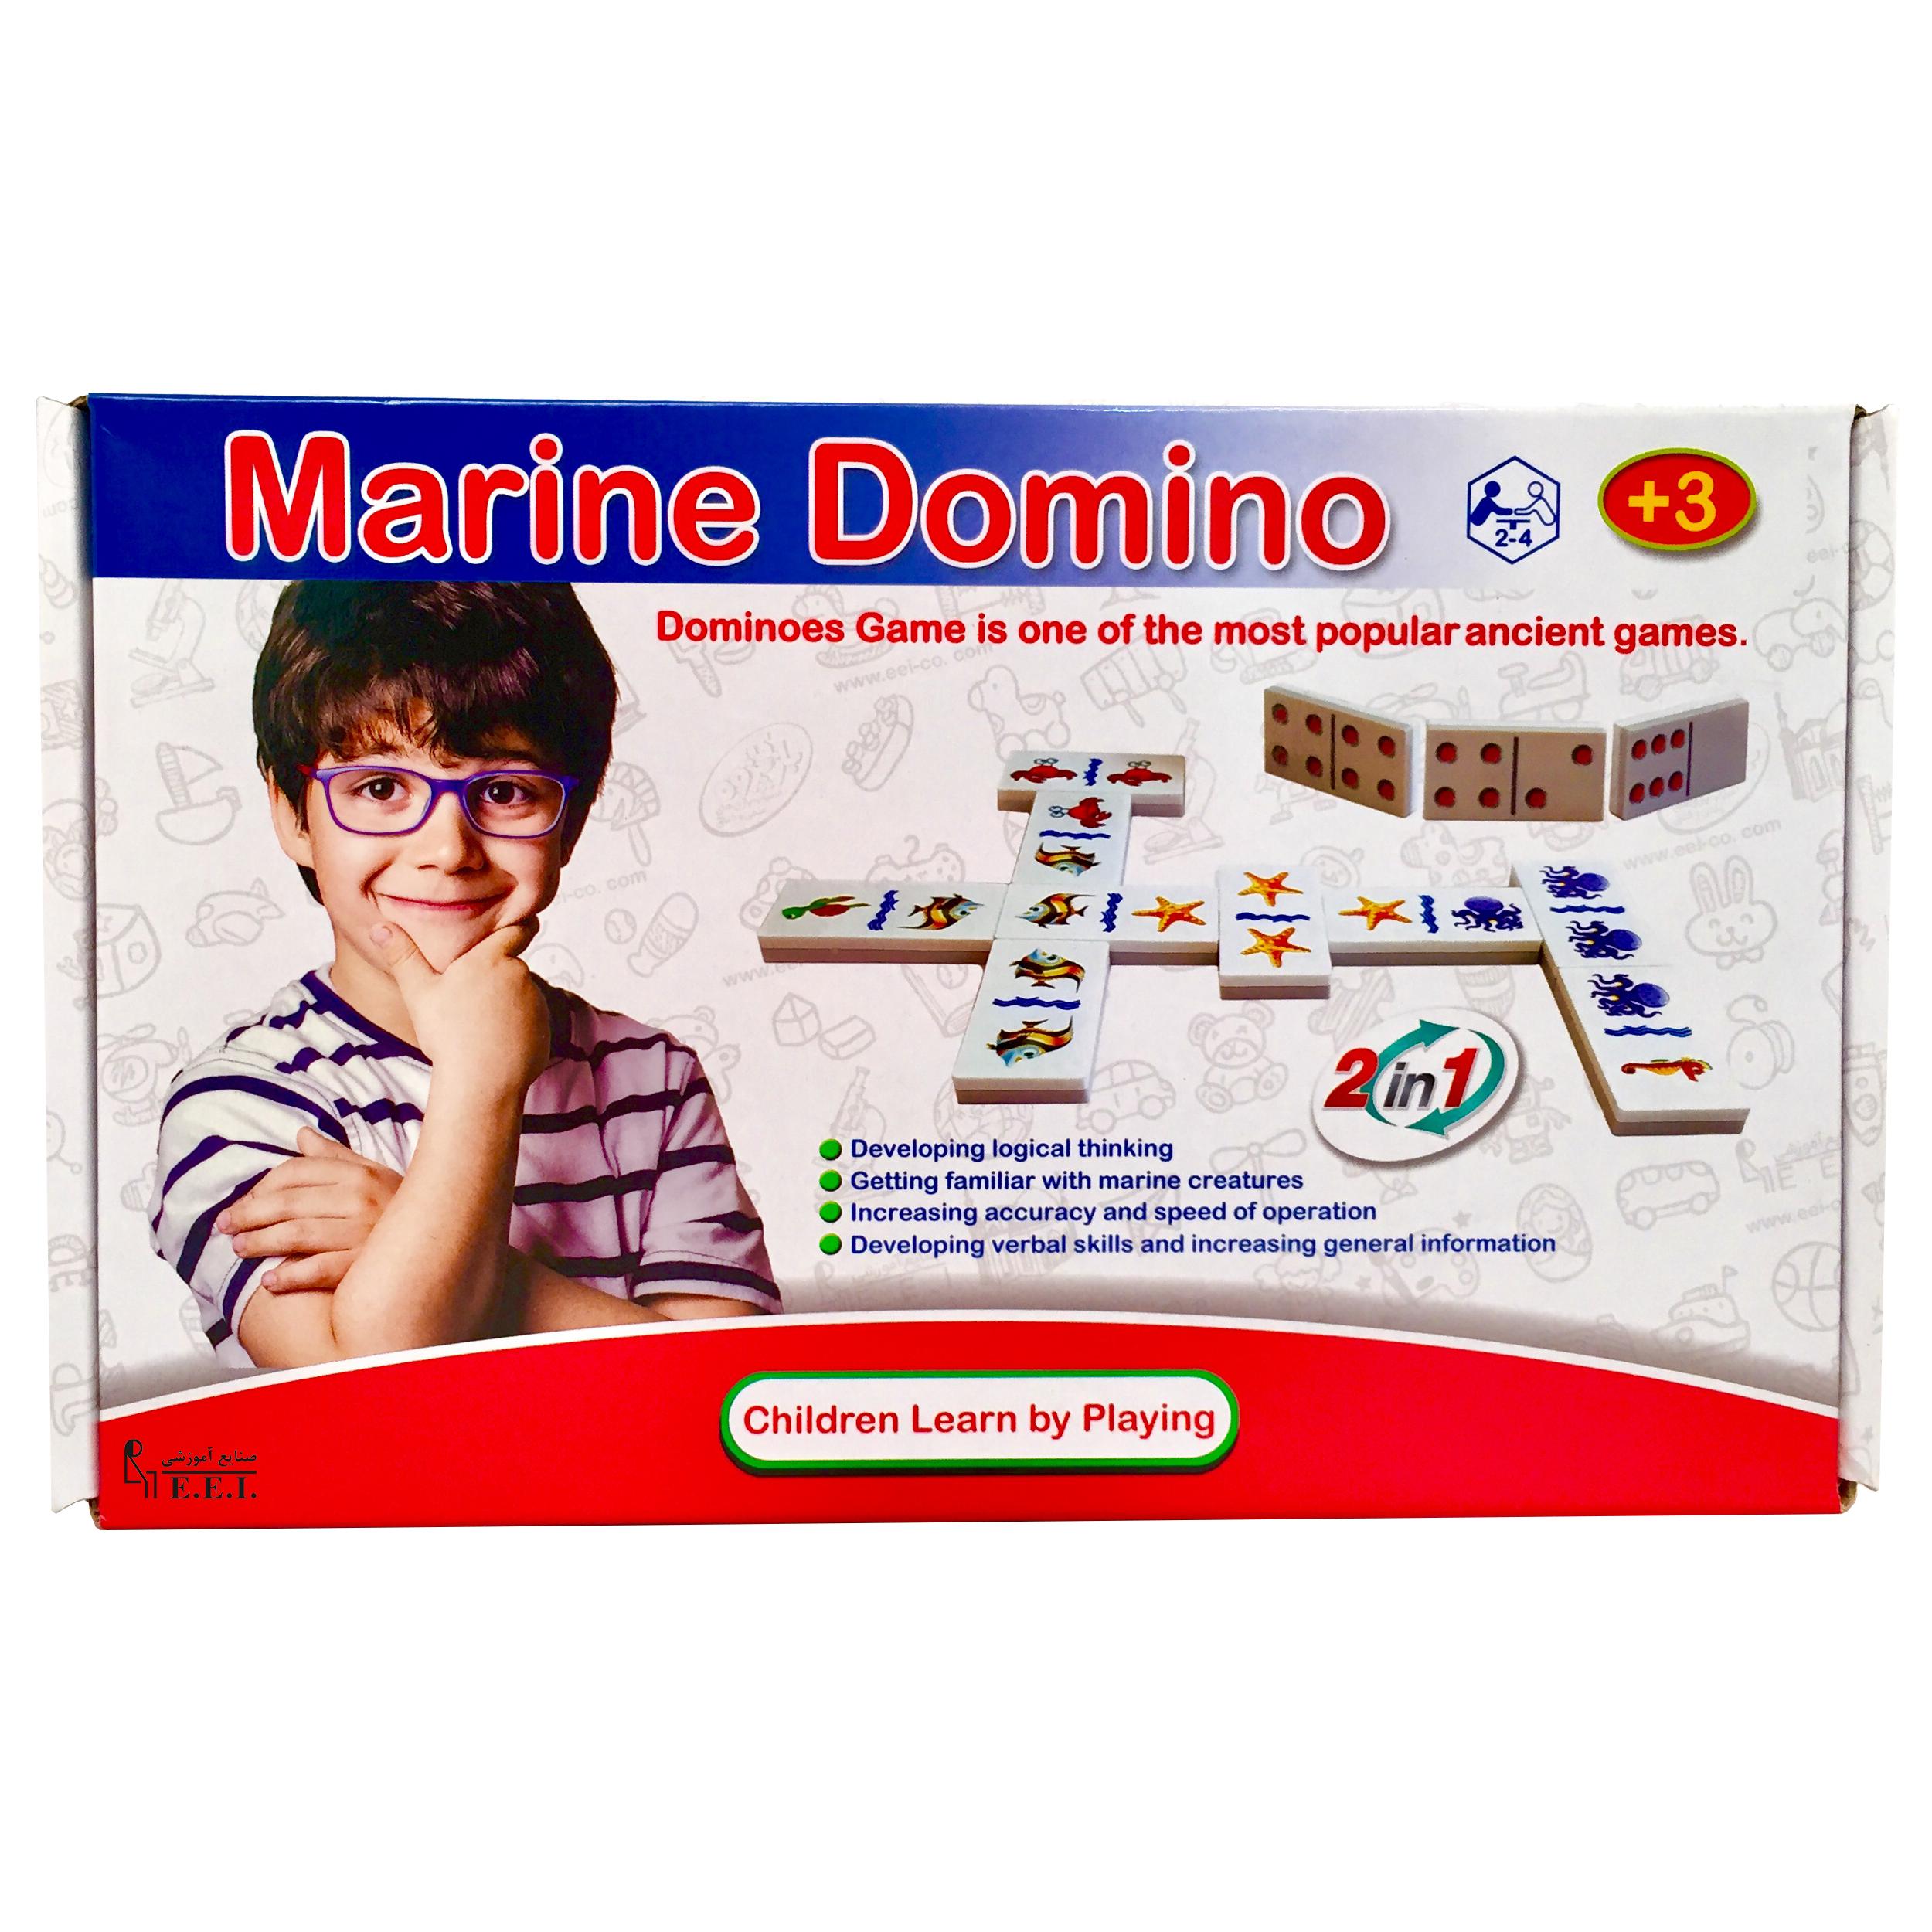 بازی فکری دومینو دوطرفه نقطه و حیوانات صنایع آموزشی کد 0346